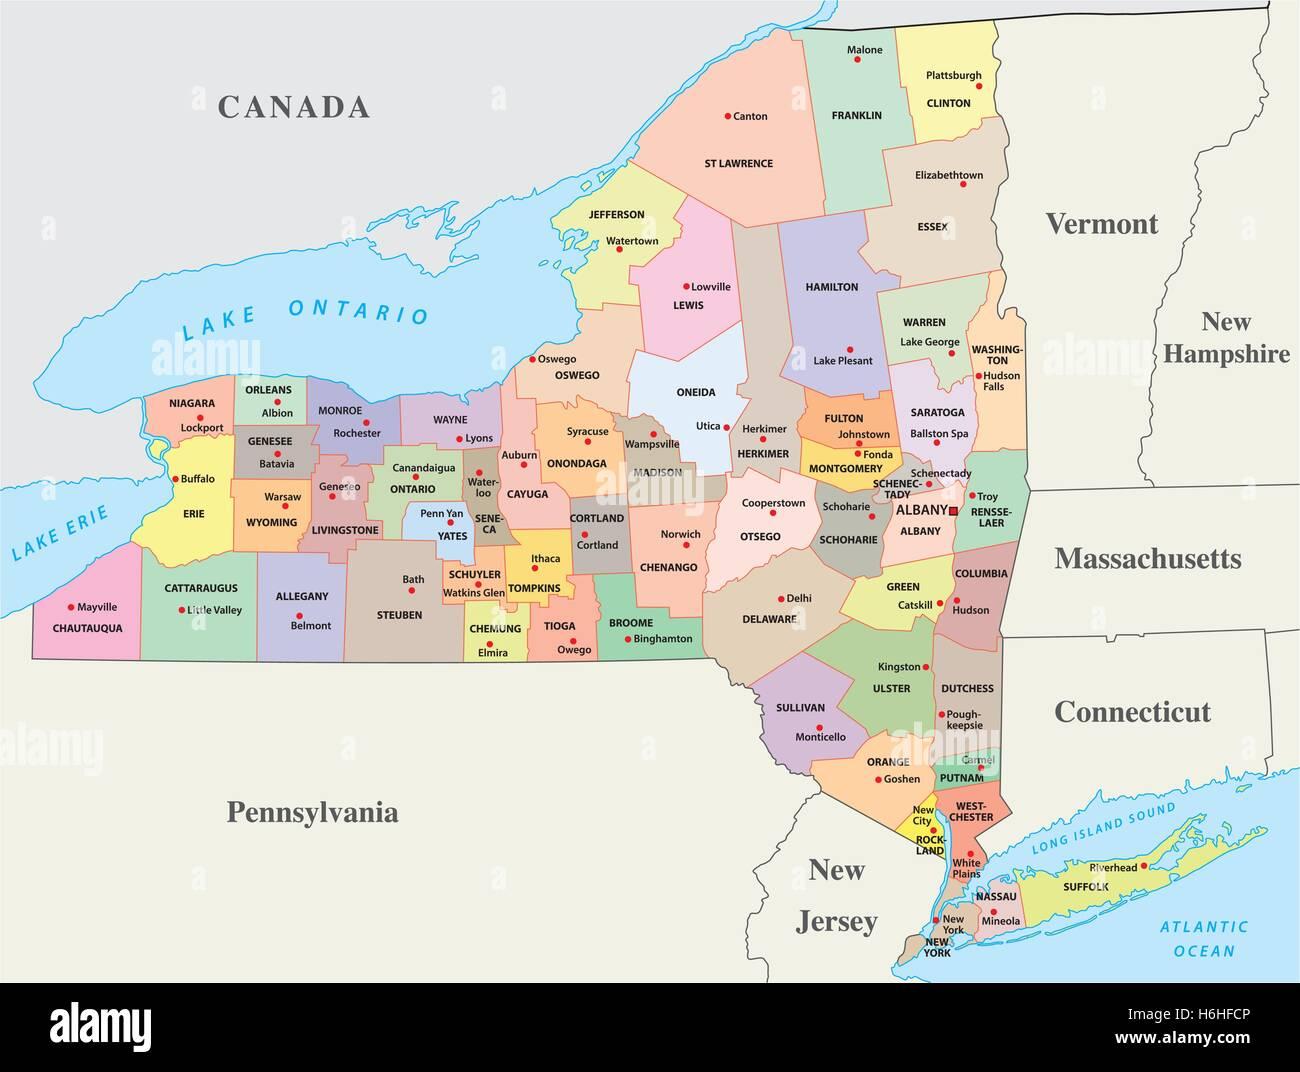 Vermont New Hampshire Map Stockfotos & Vermont New Hampshire ...